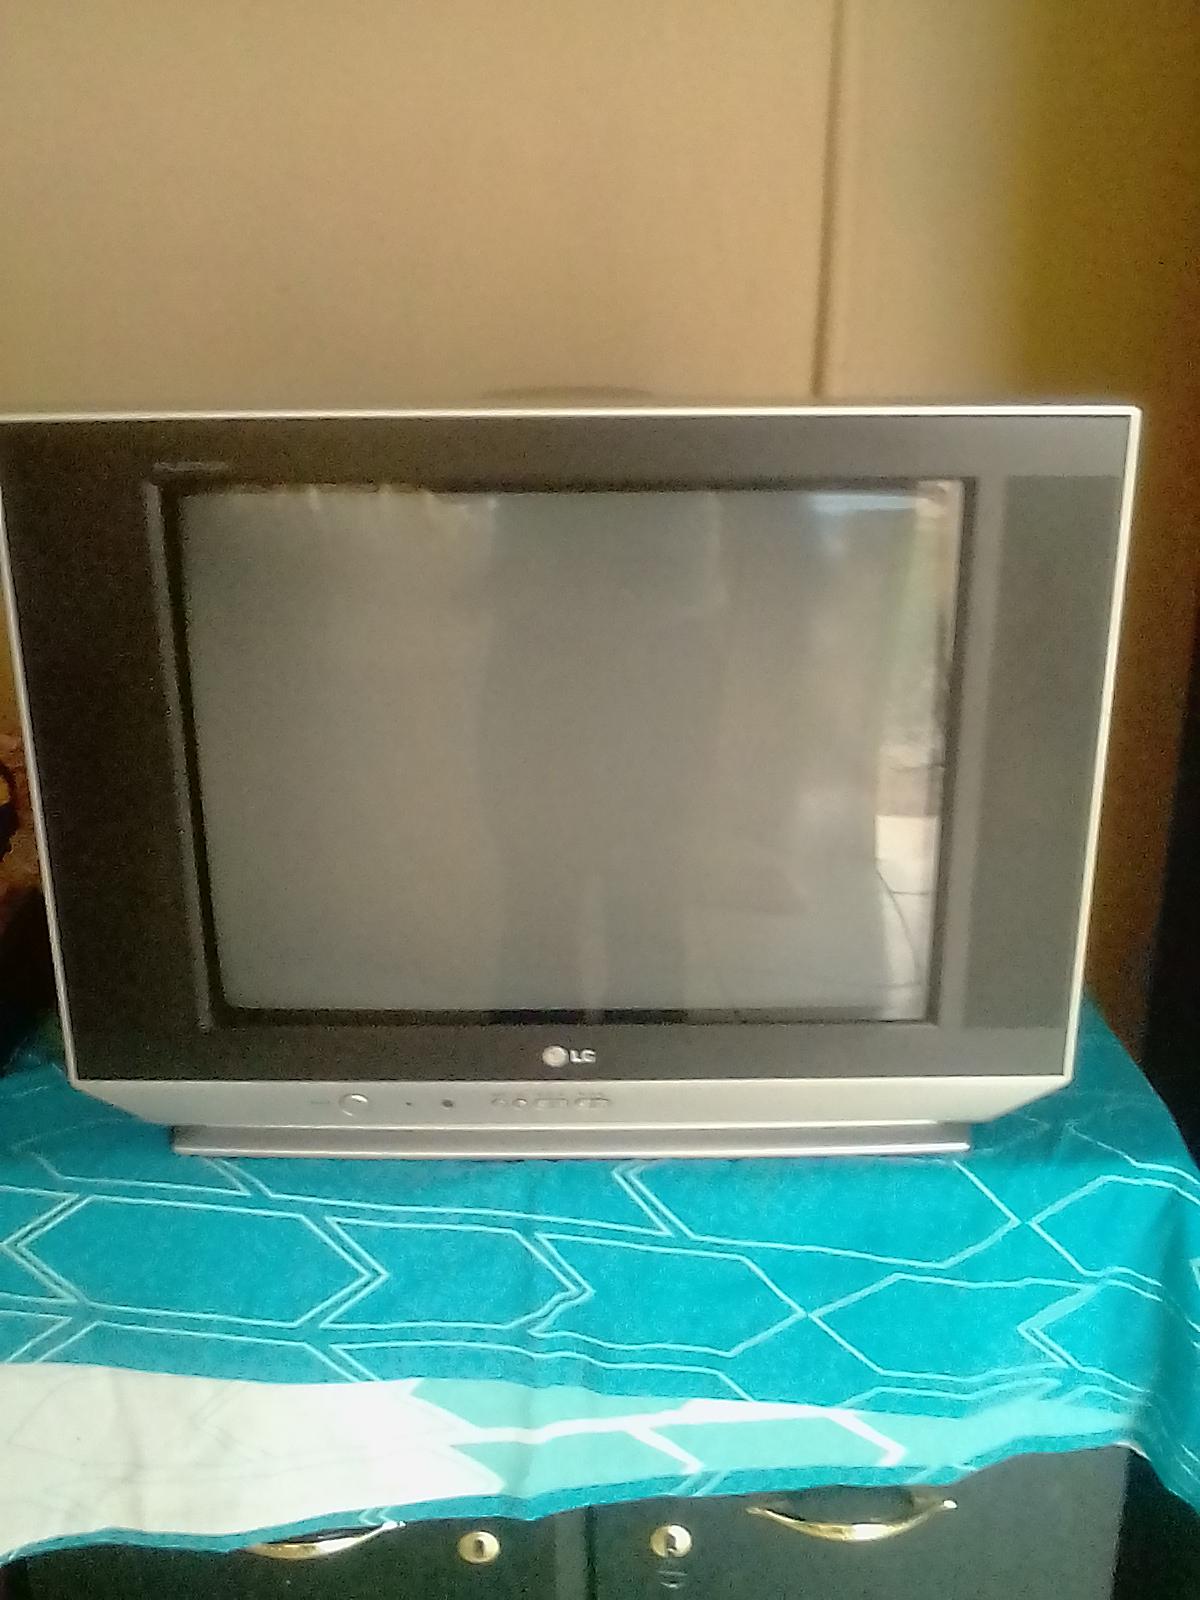 LG 54 CM FLATRON COLOUR TV FOR SALE